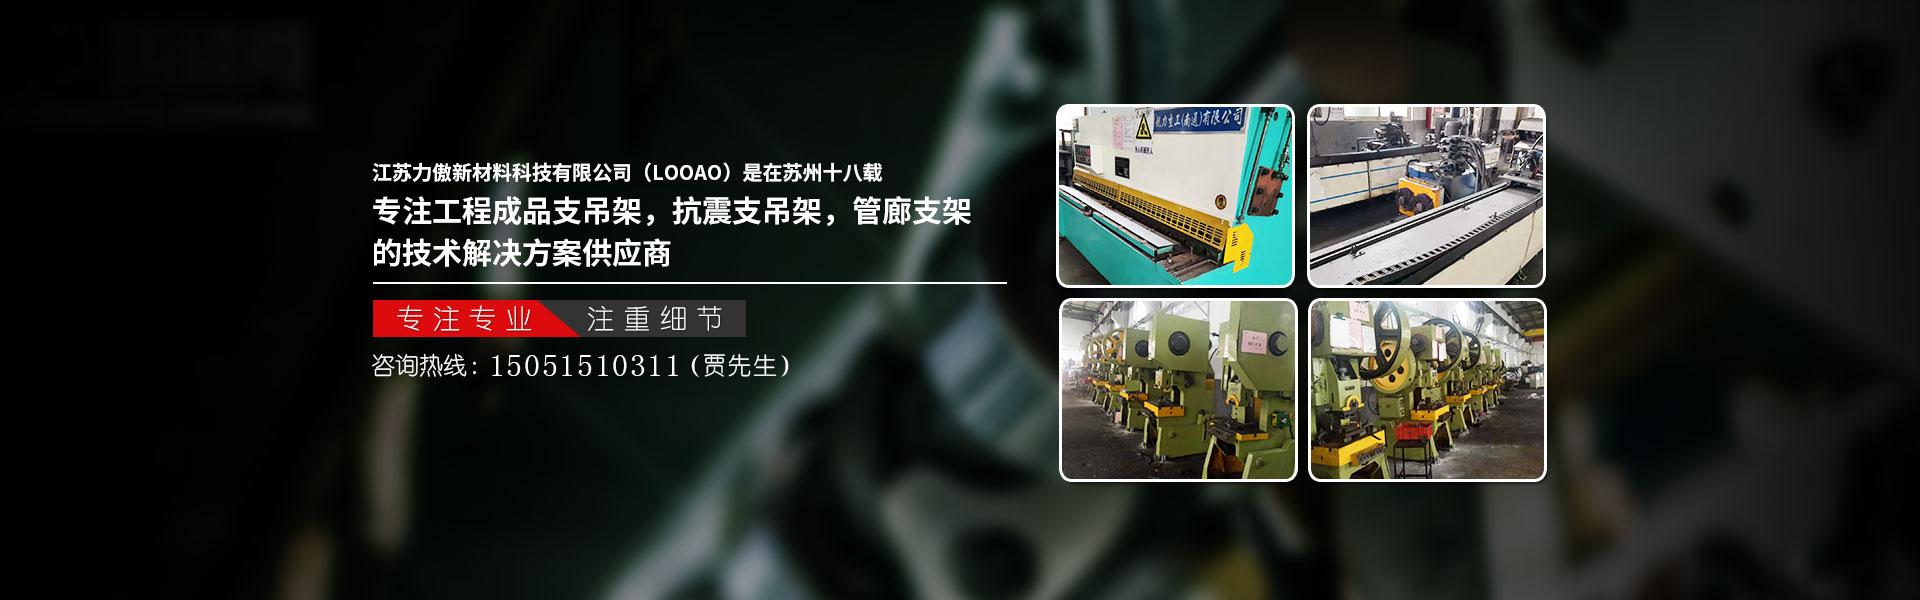 江苏力傲新材料科技有限公司